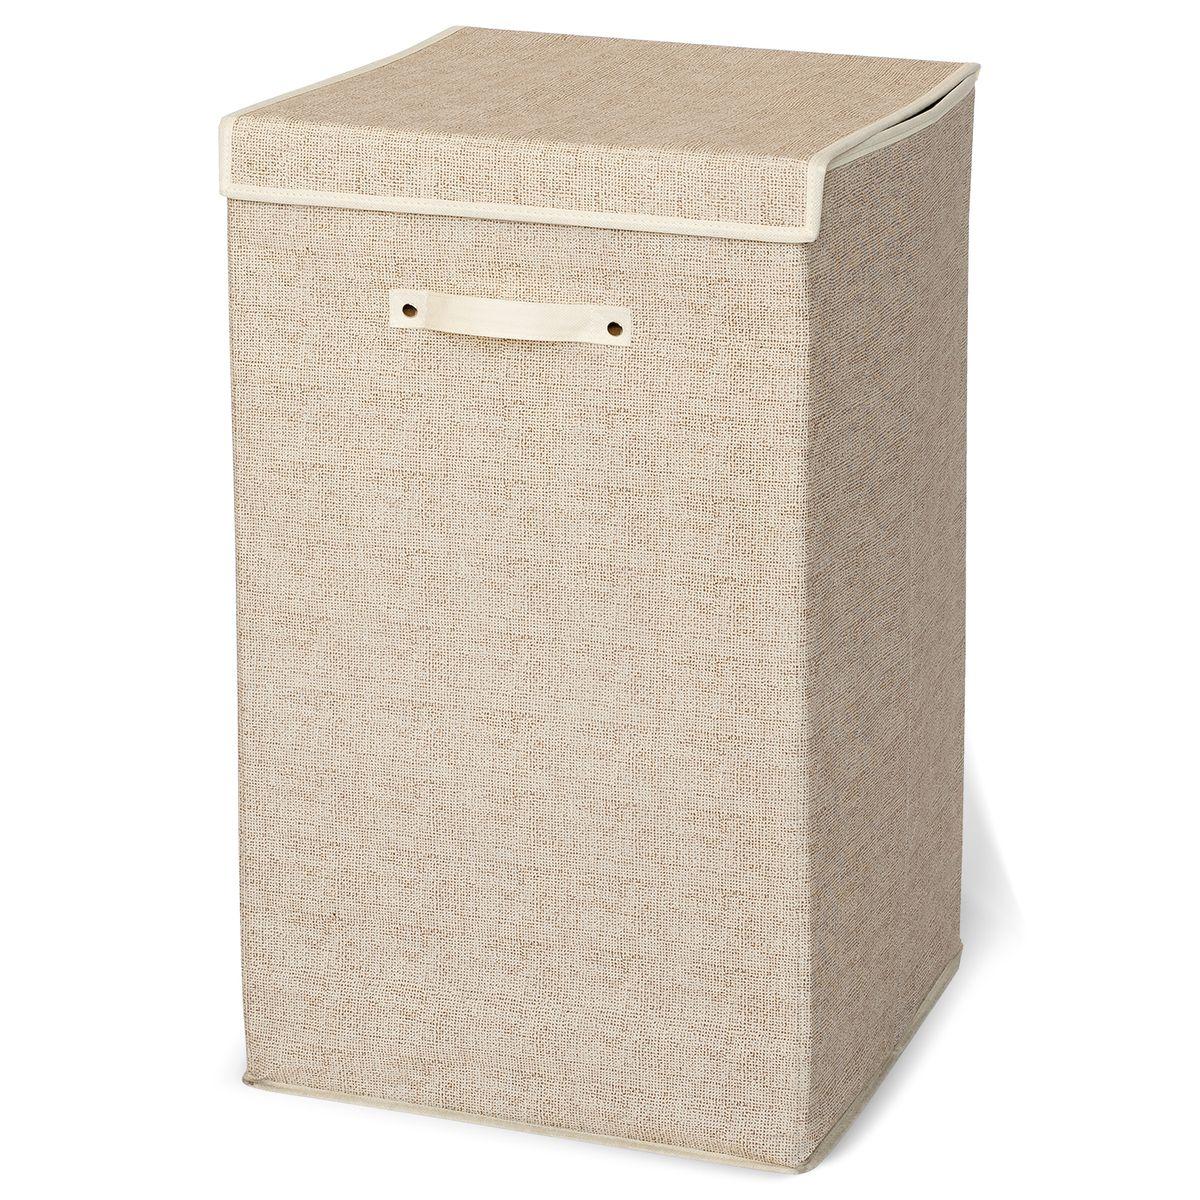 Корзина для белья Artmoon Felix531-105ARTMOON FELIX Корзина для белья 75Л, размер: 35X35X62см, 80 г нетканого полотна, внутренняя вставка из 2 мм картона, легкая сборка, компактна в сложенном виде. Упаковка: пакет со вкладышем.